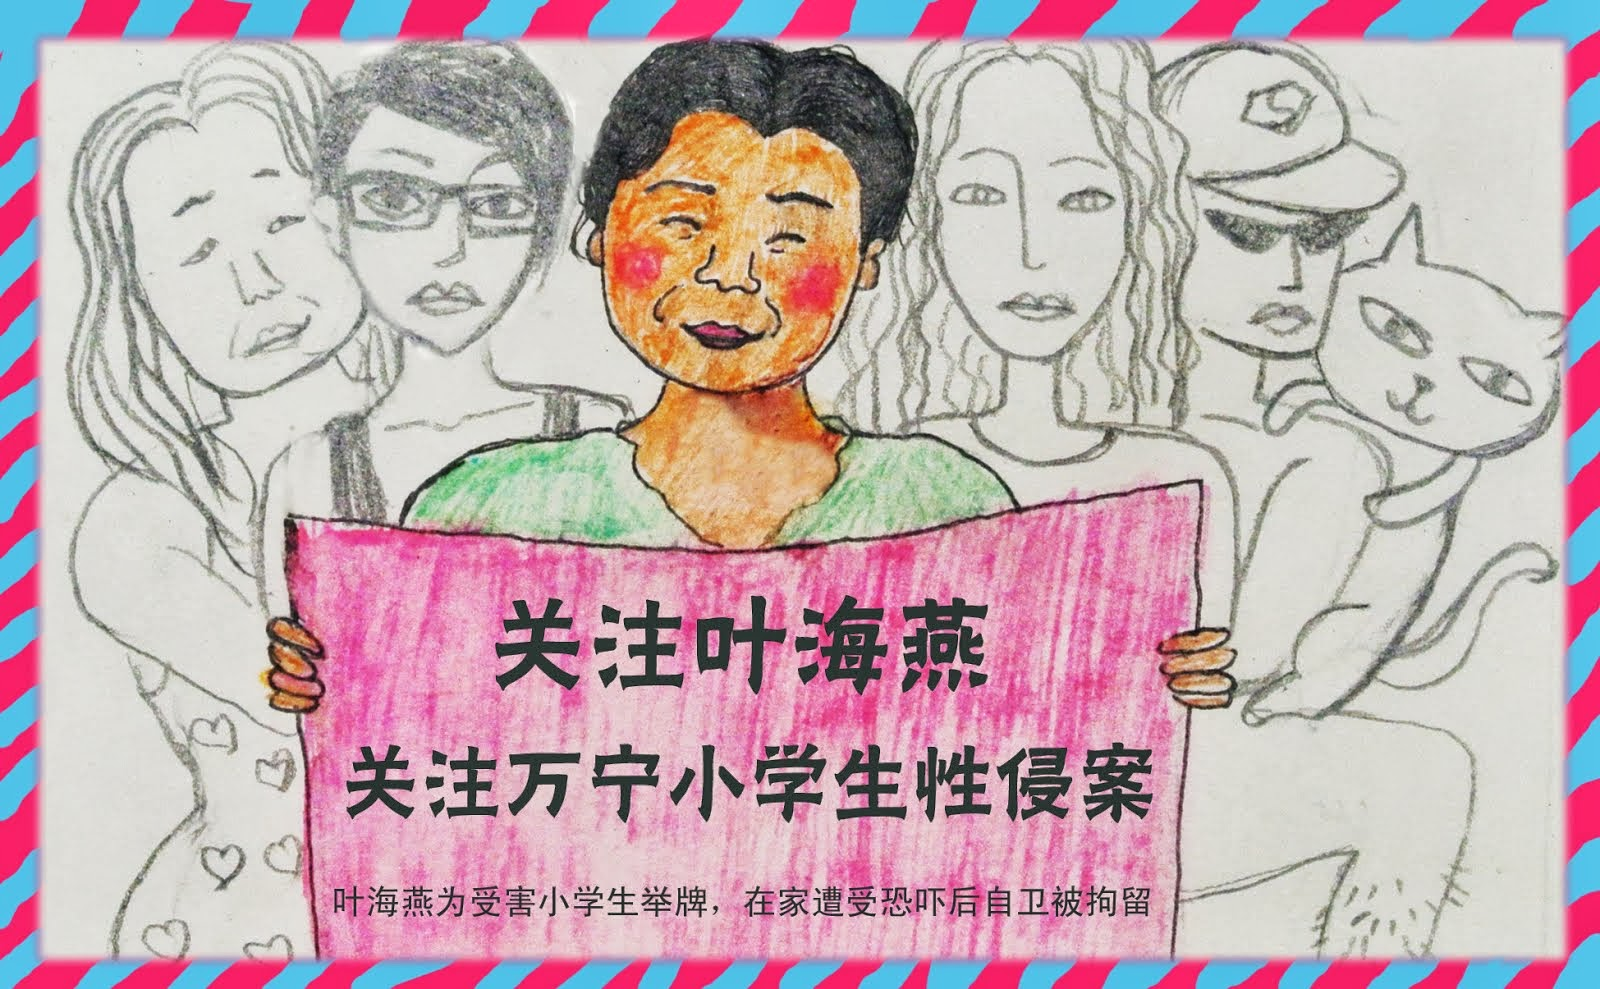 抗议校长性侵遭拘 网民各自出招声援叶海燕